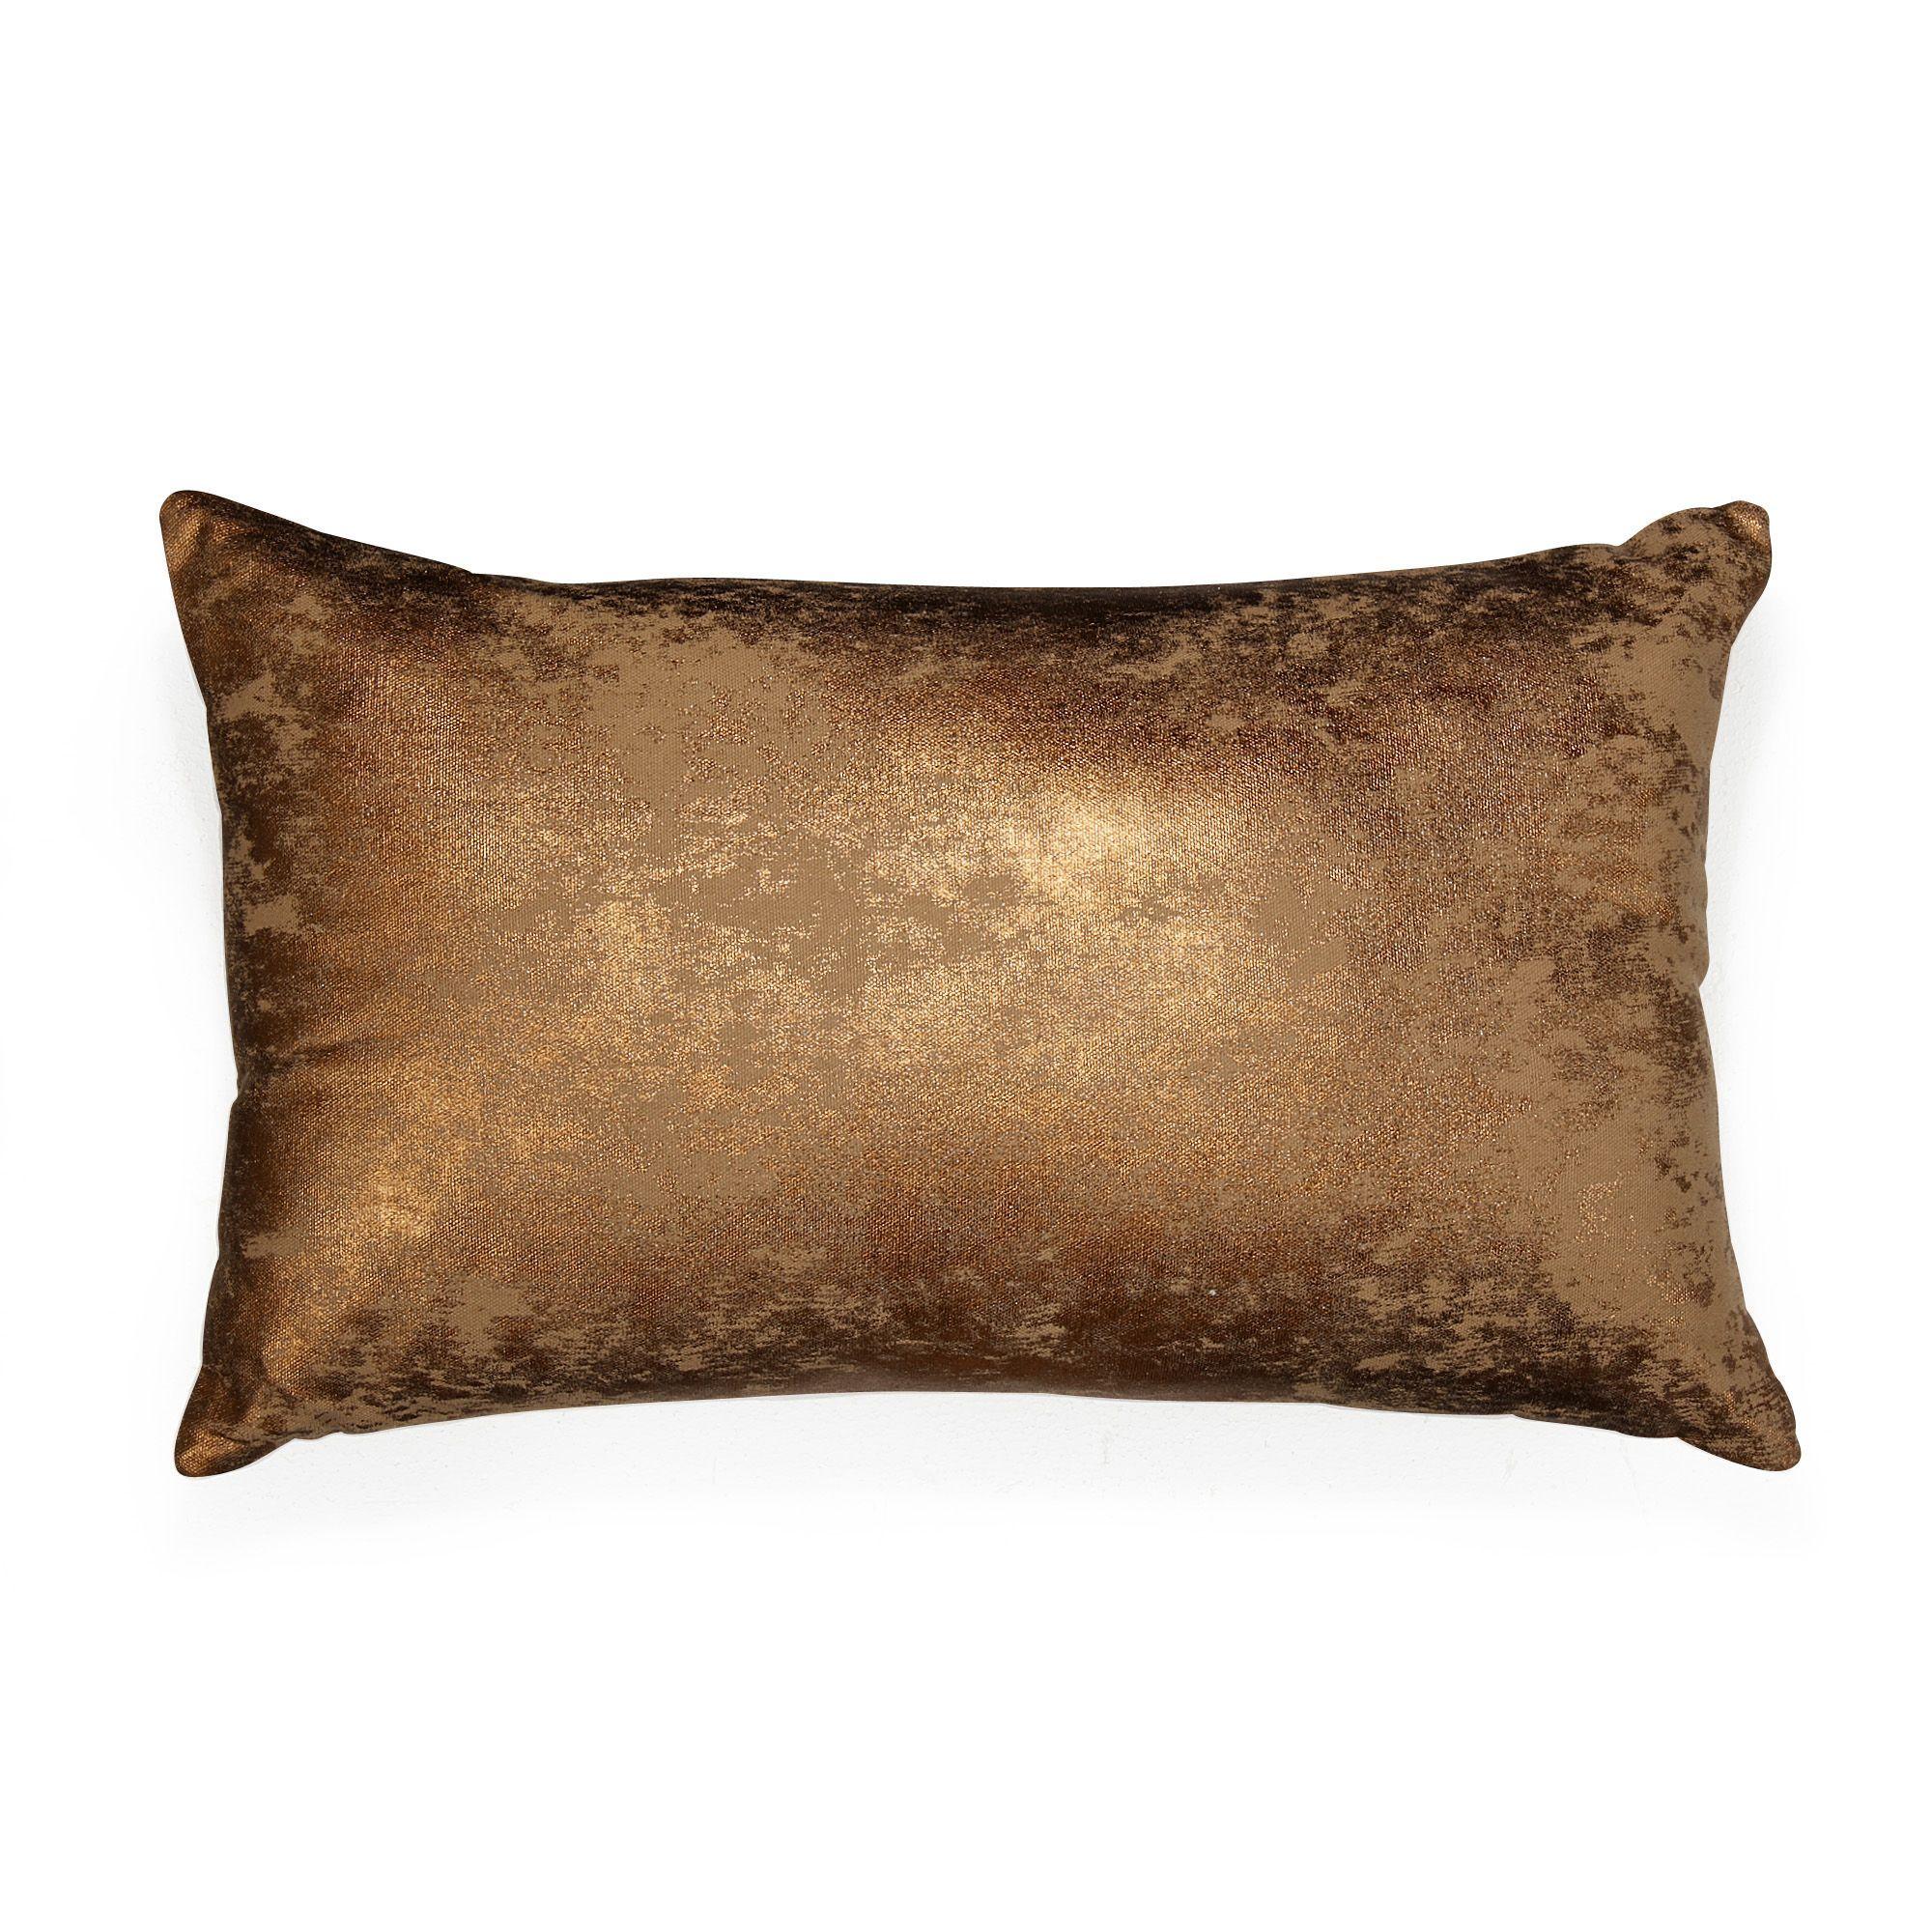 kaska coussin rectangulaire 30x50cm cuivre d coration. Black Bedroom Furniture Sets. Home Design Ideas